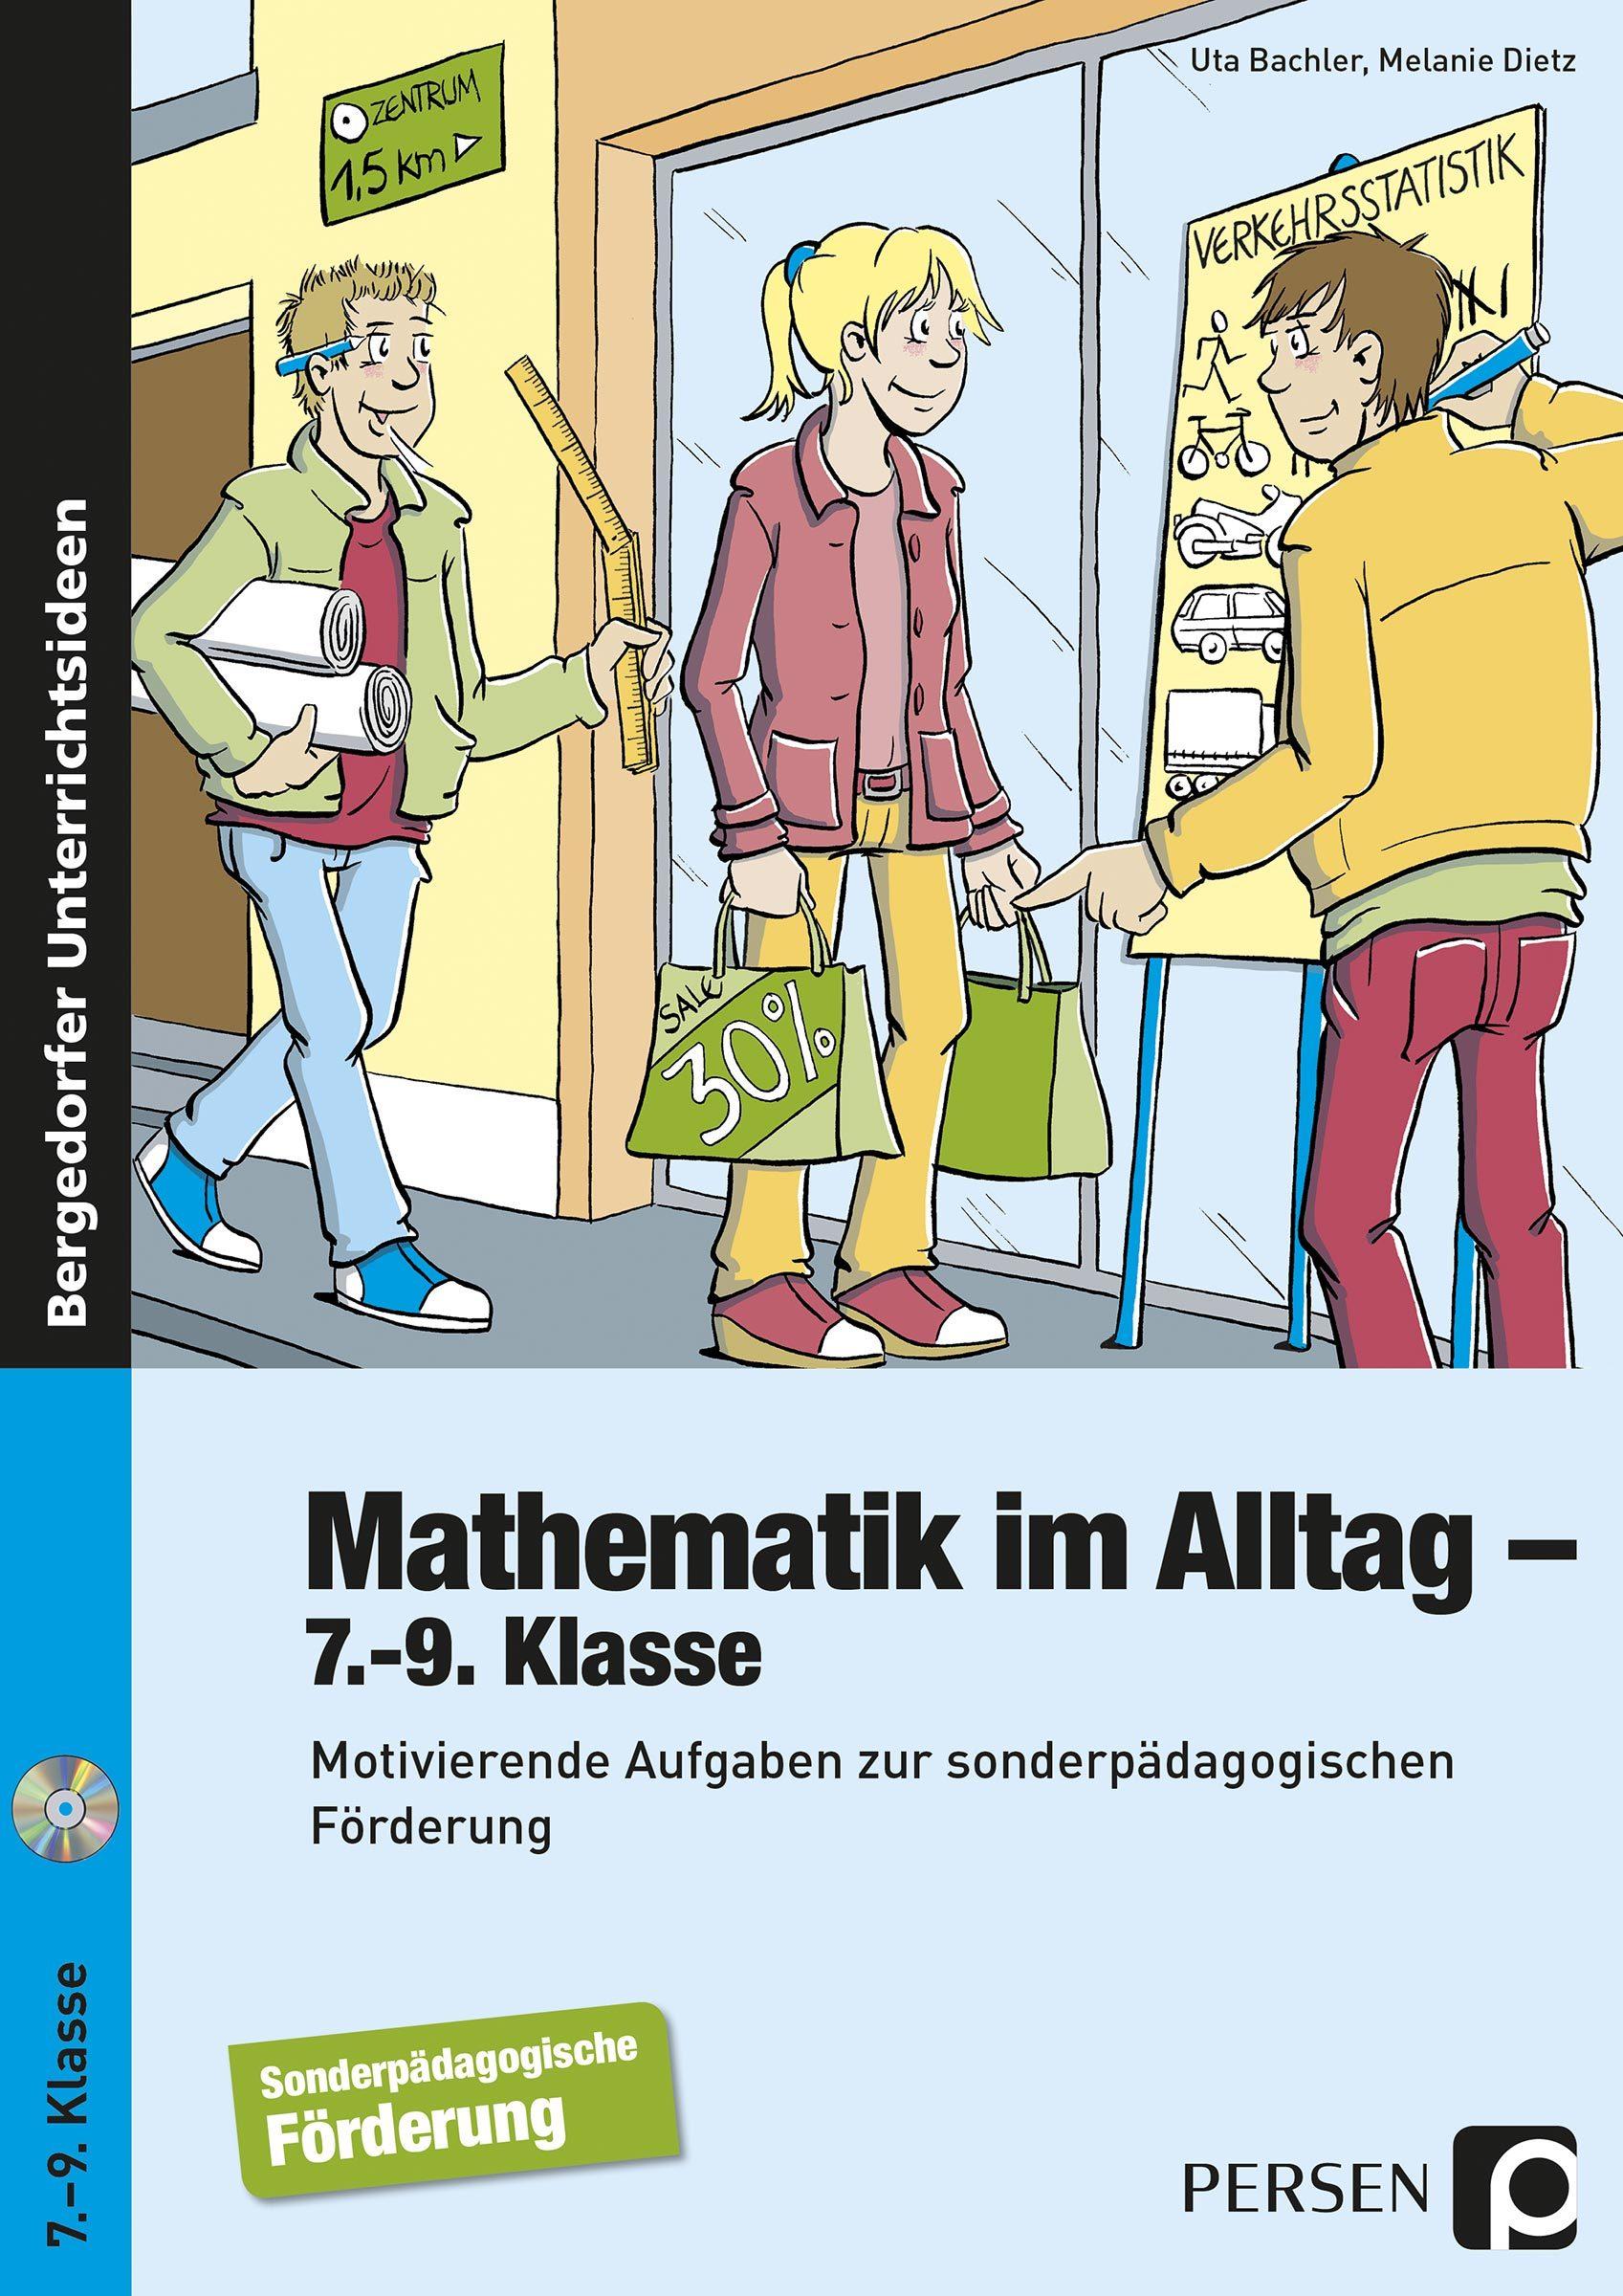 Mathematik im Alltag, Buch inkl. CD, 7.-9. Klasse von Persen ...